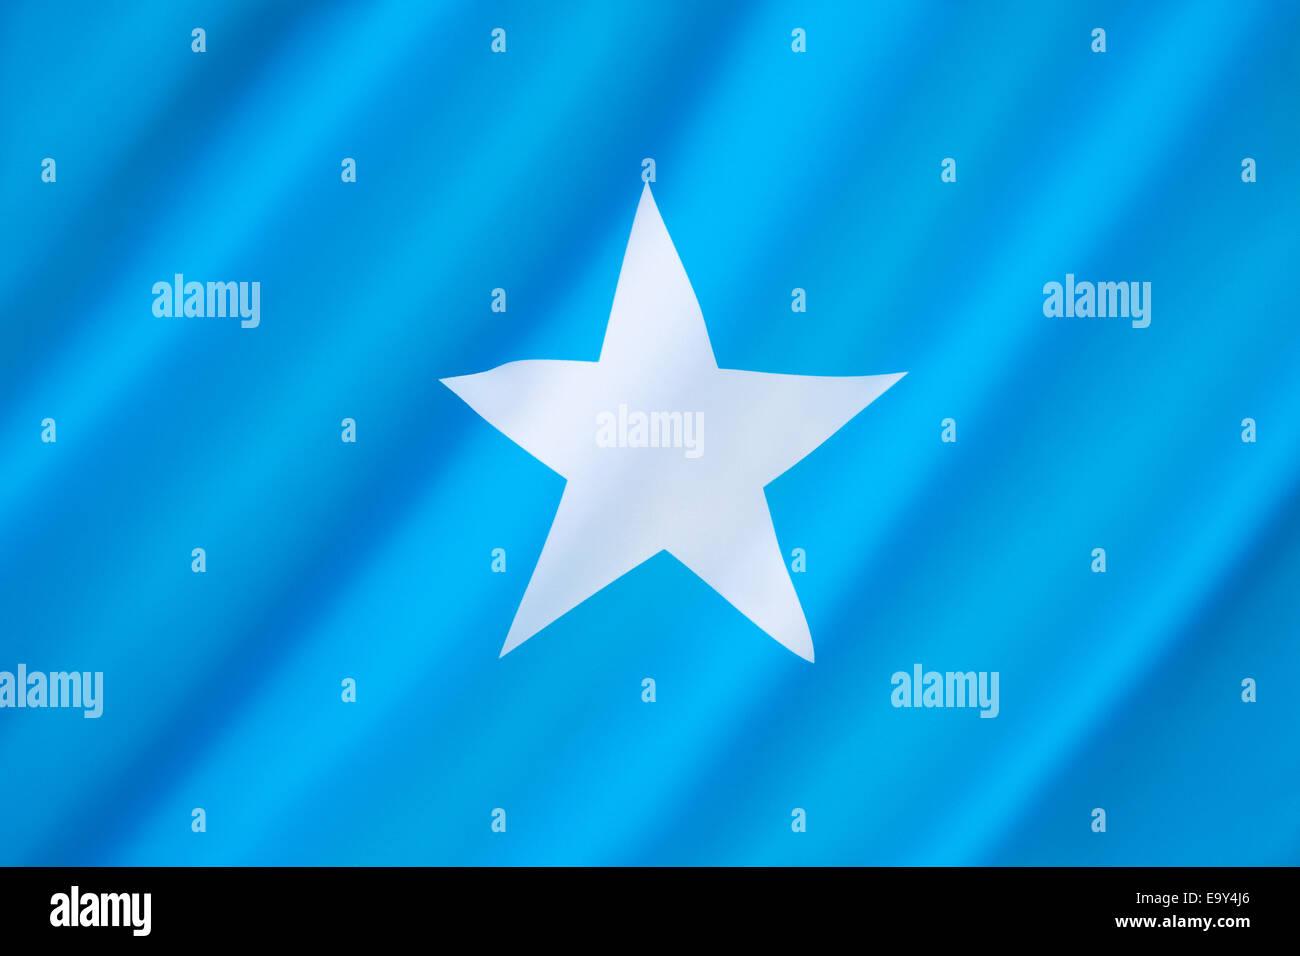 Flag of Somalia - Stock Image